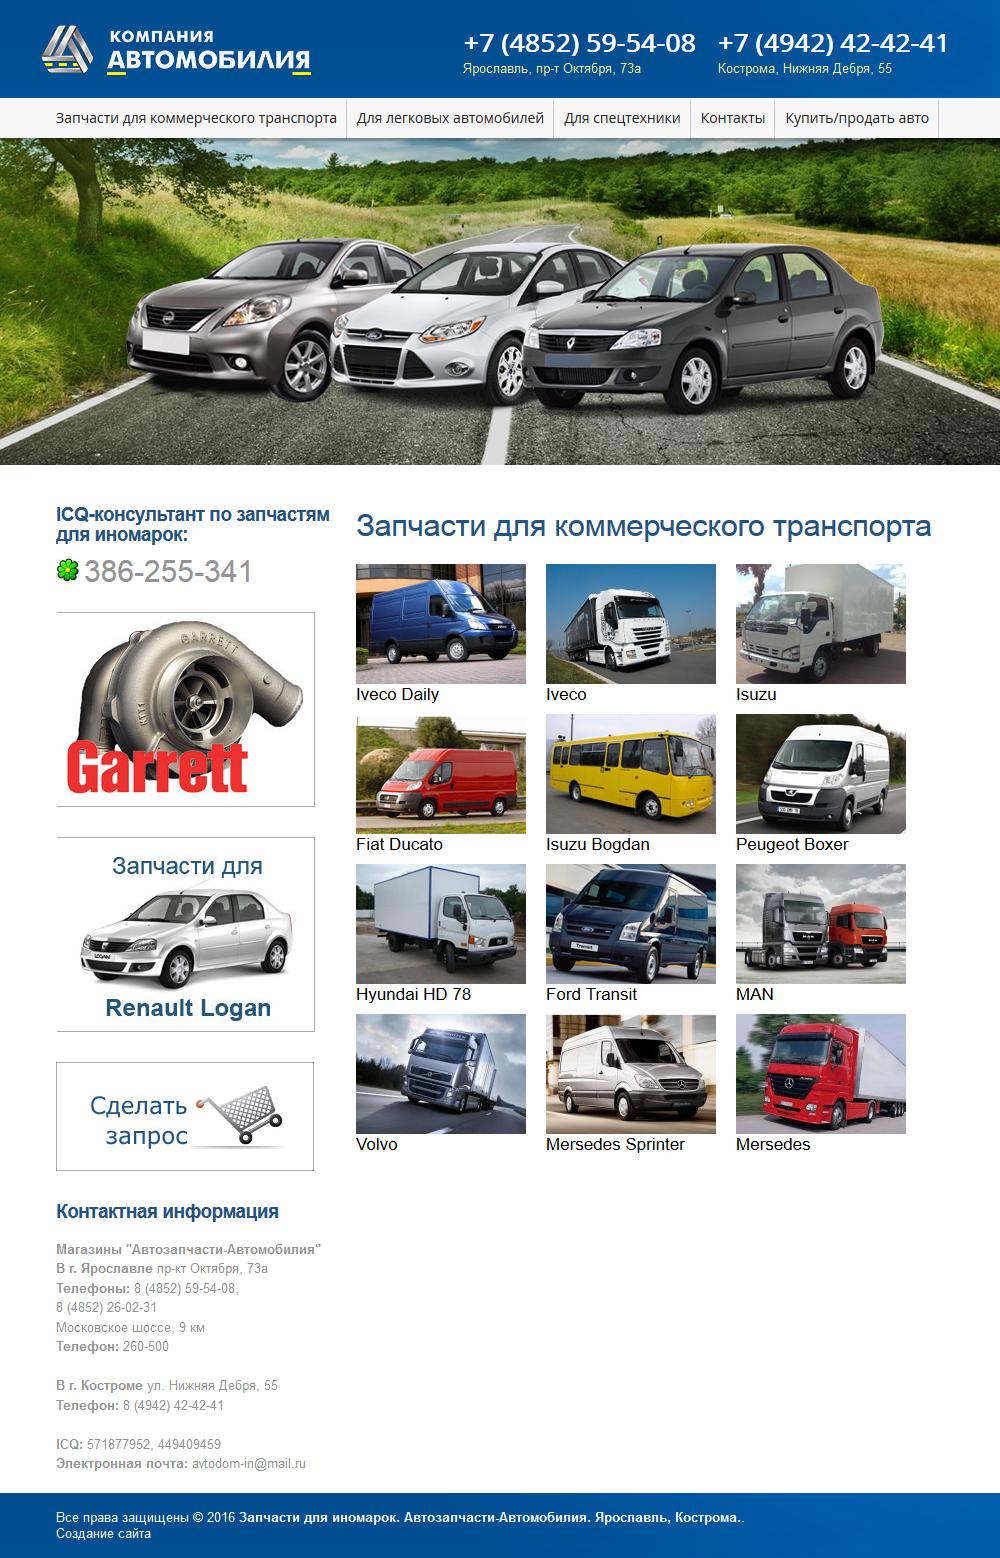 Сайт компании «Автомобилия автозапчасти». Создание сайтов в Костроме